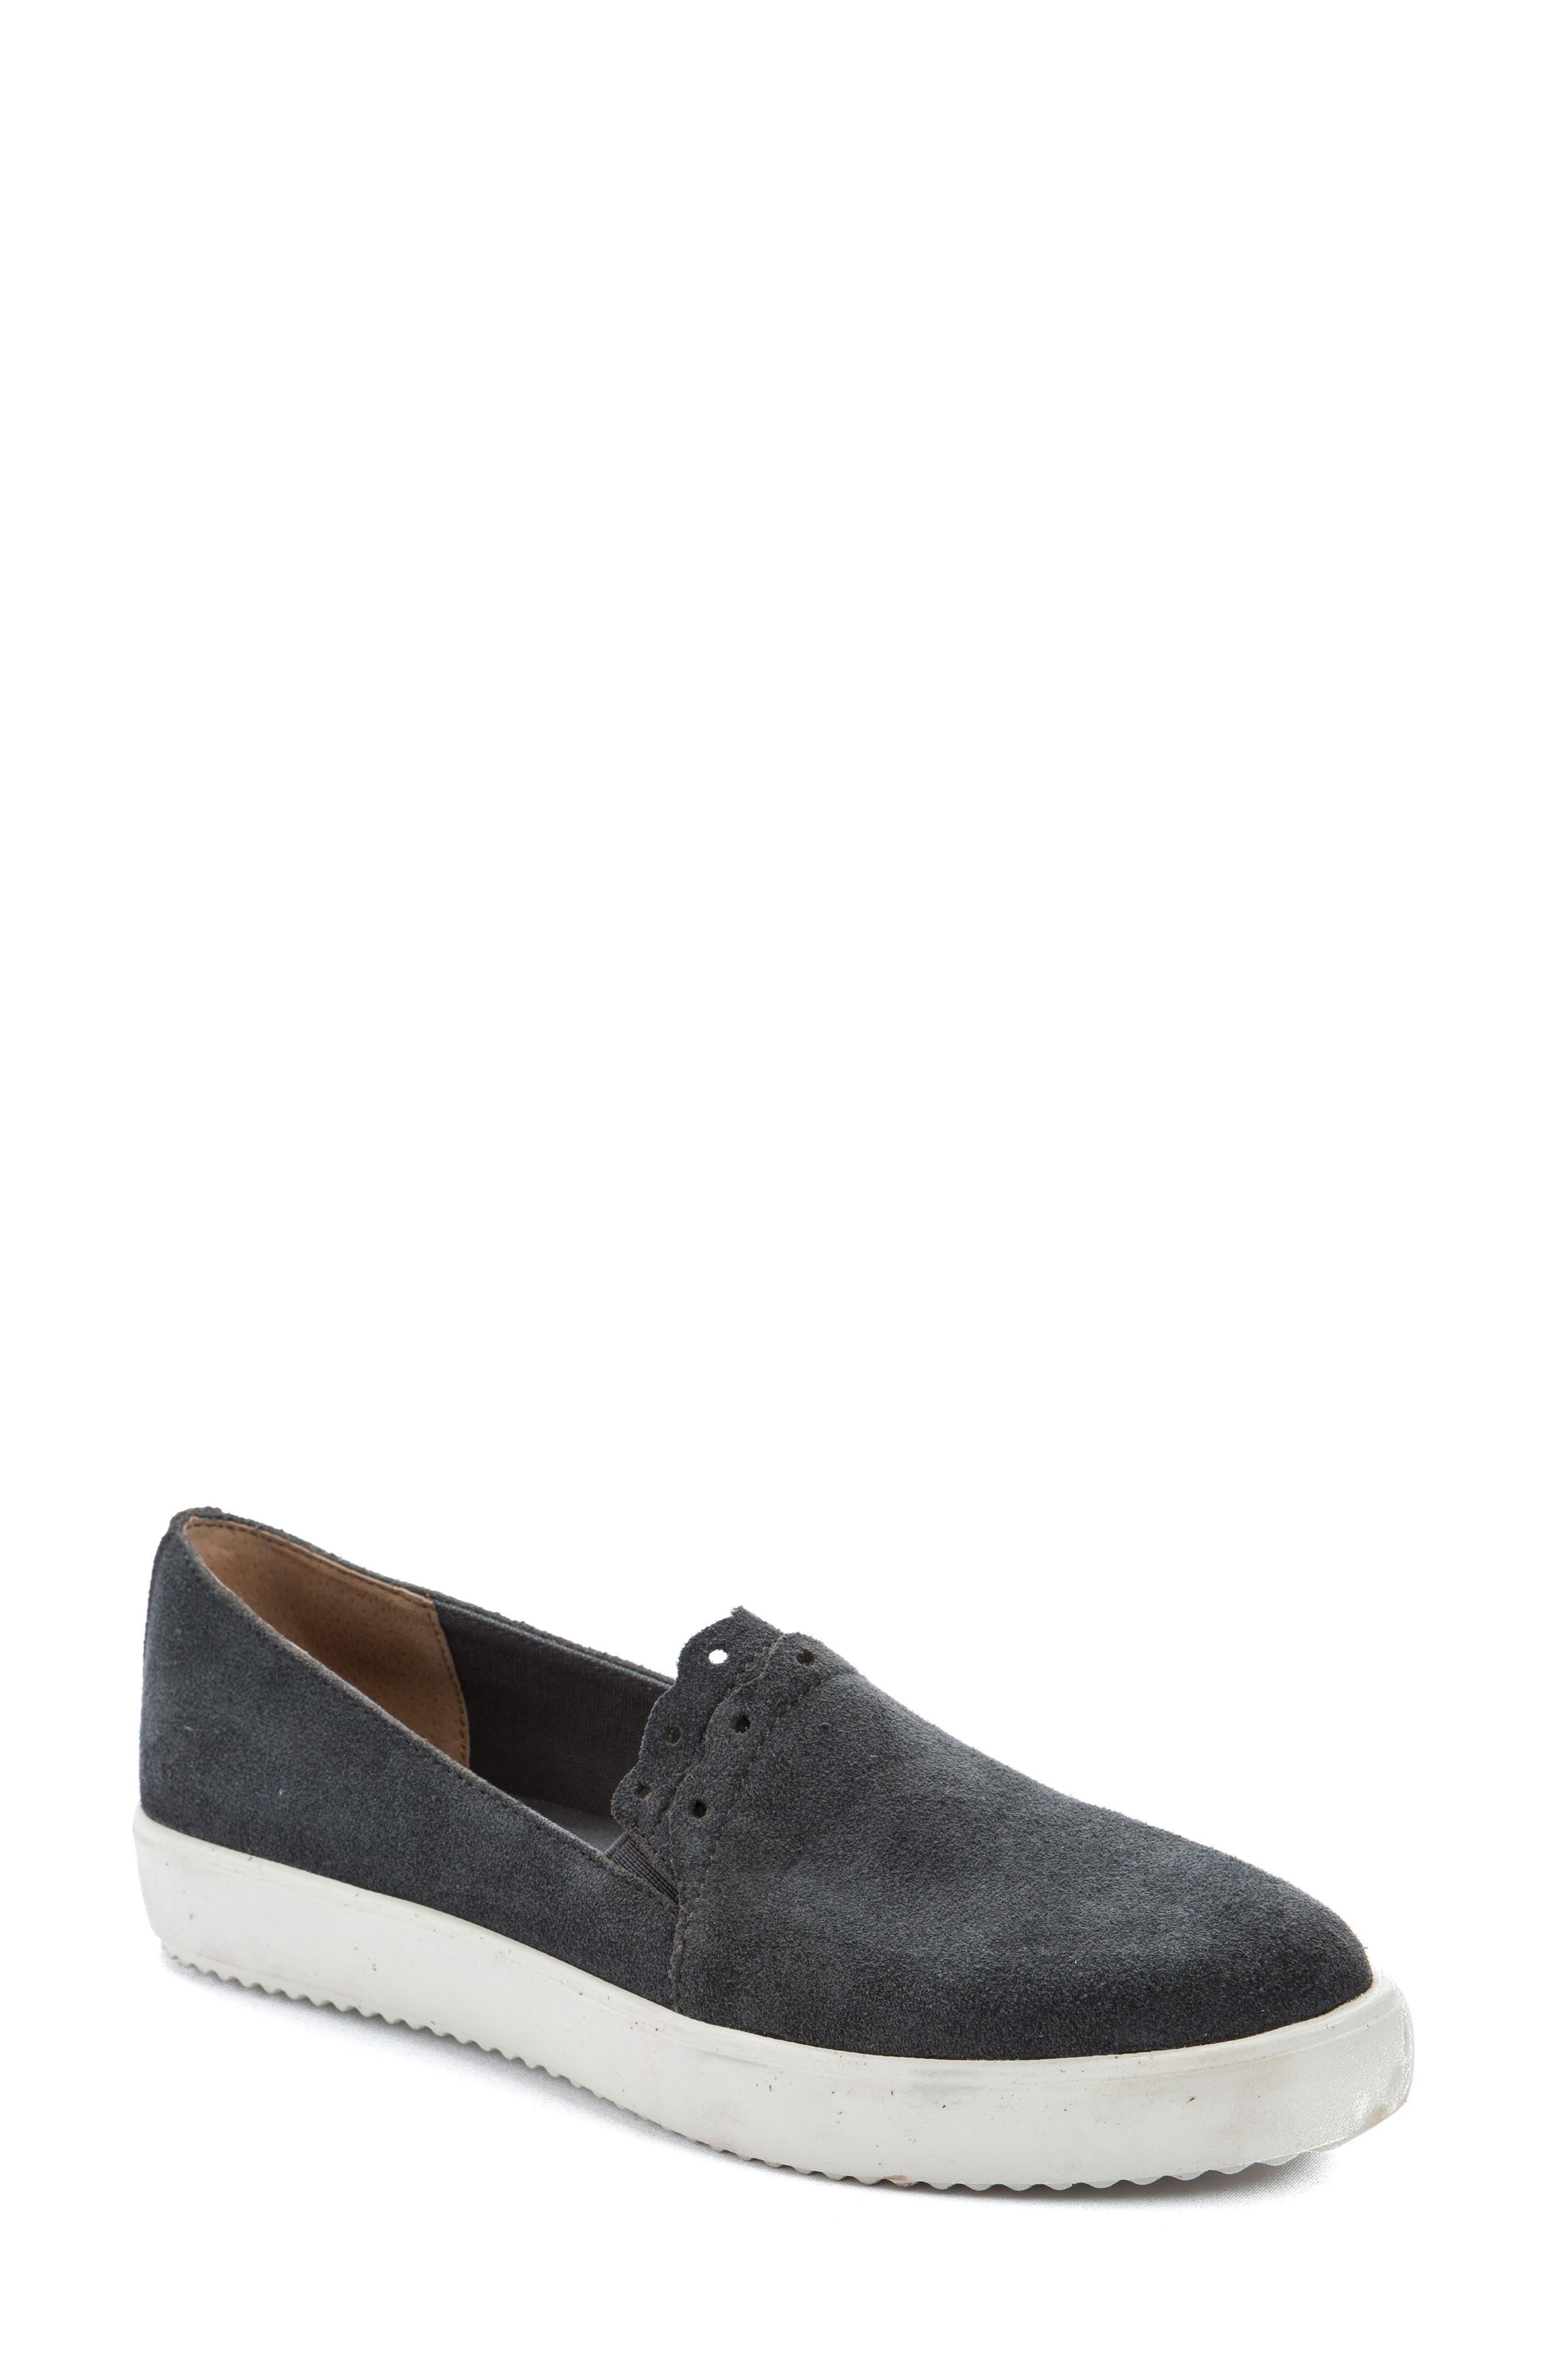 Alternate Image 1 Selected - Latigo Roe Slip-On Sneaker (Women)